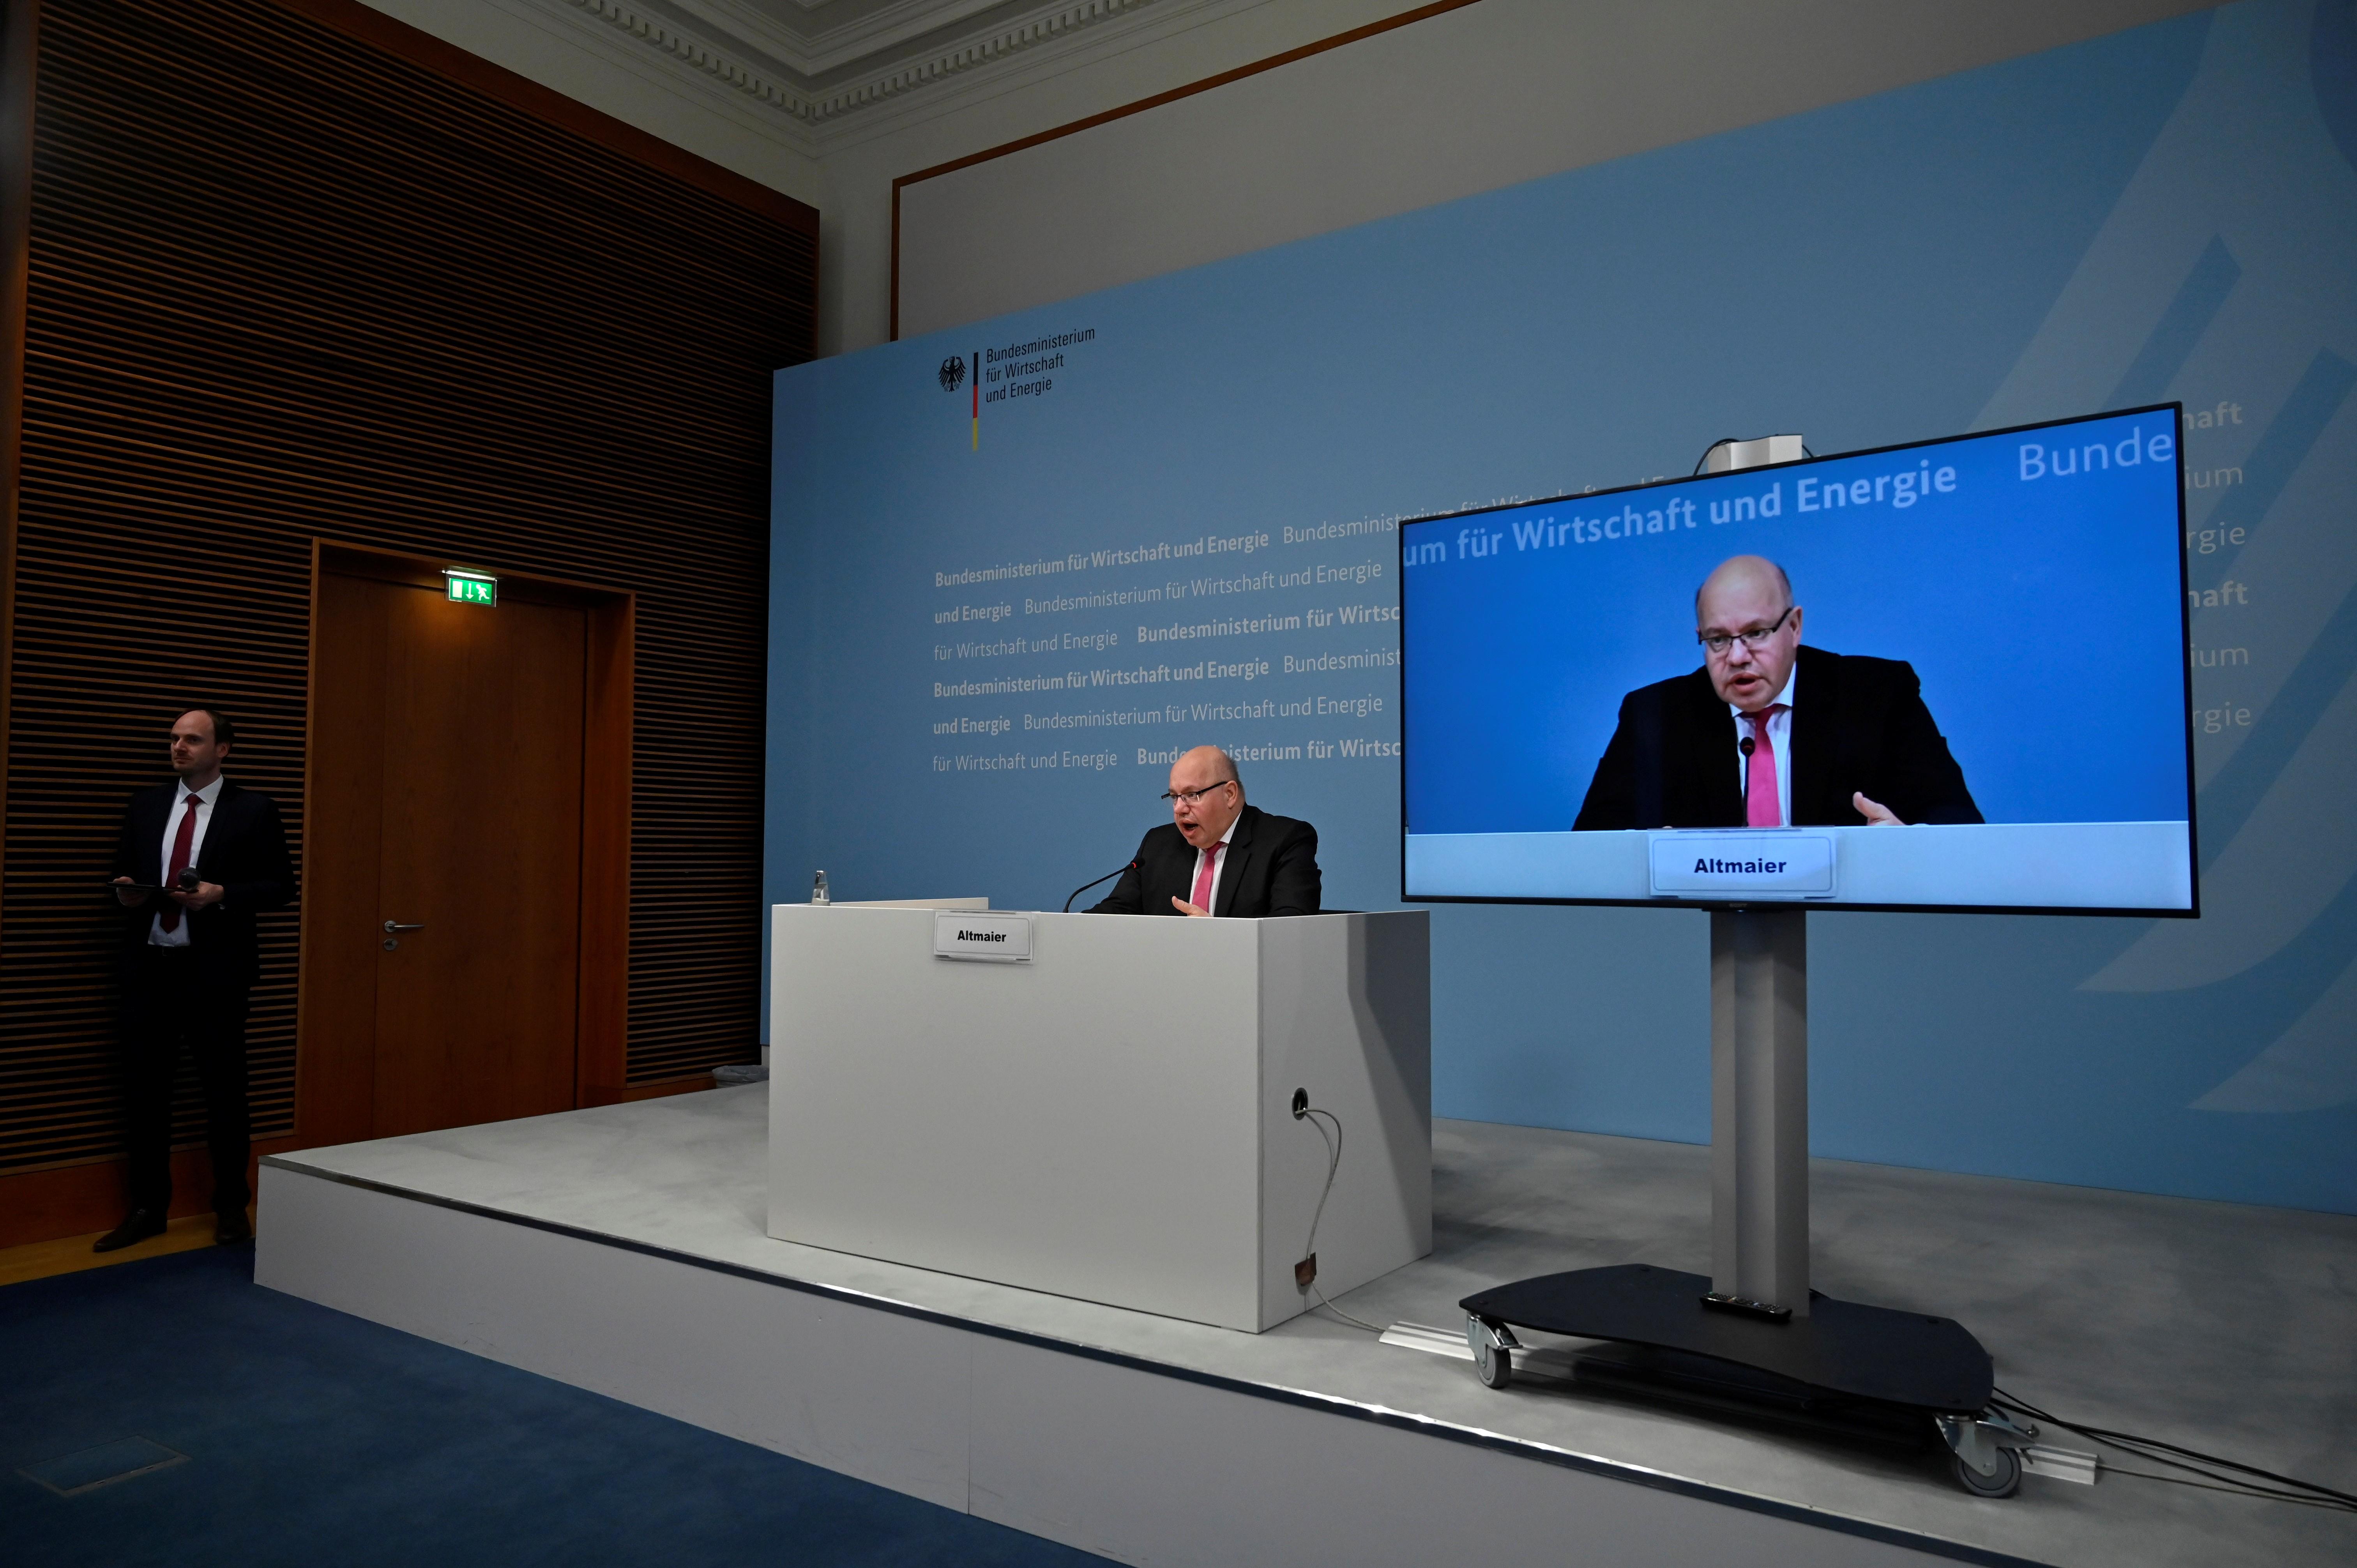 Situação econômica alemã é a mais grave desde a Segunda Guerra Mundial, diz ministro